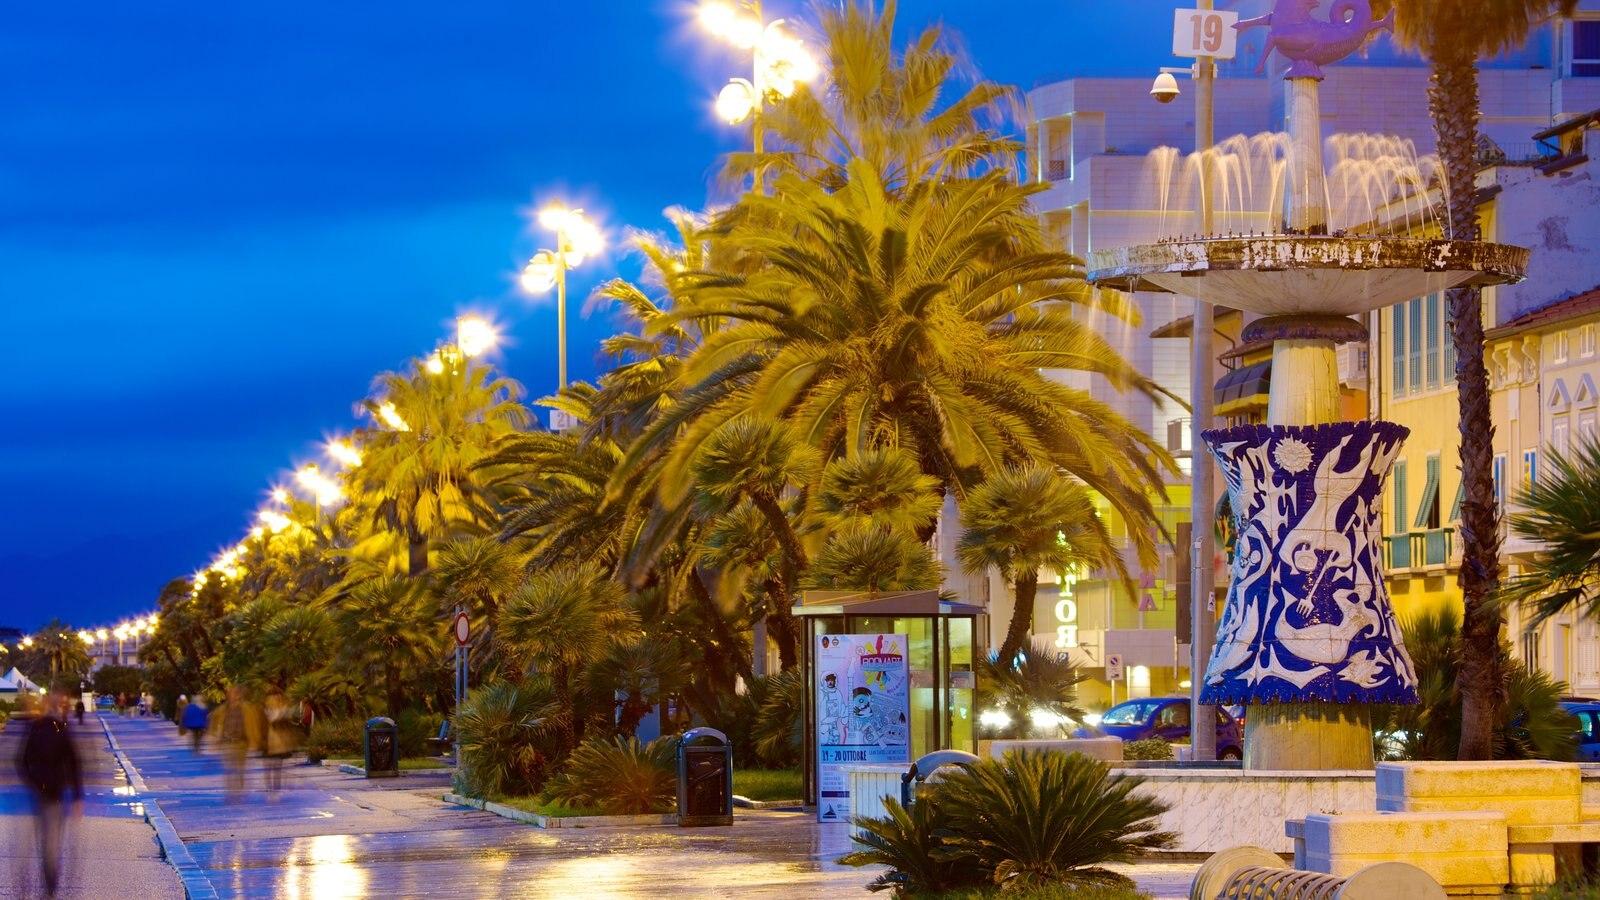 Viareggio which includes tropical scenes, street scenes and night scenes